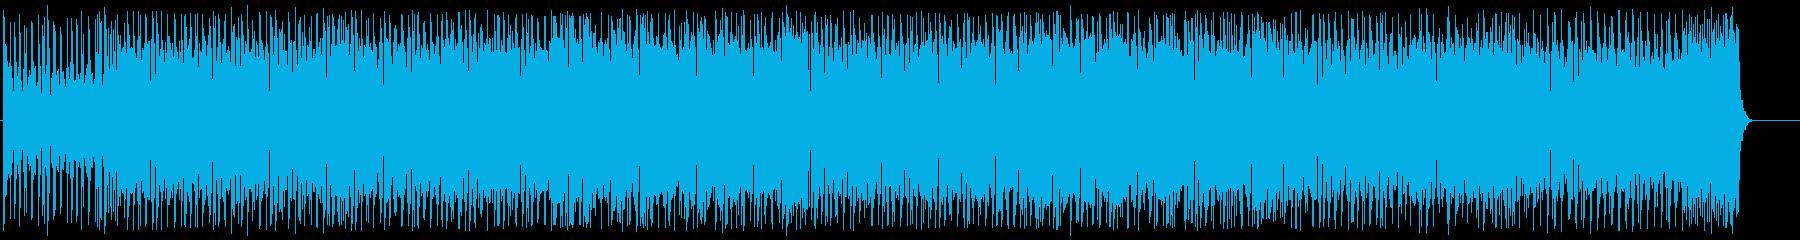 心浮き立つ軽快なポップスの再生済みの波形